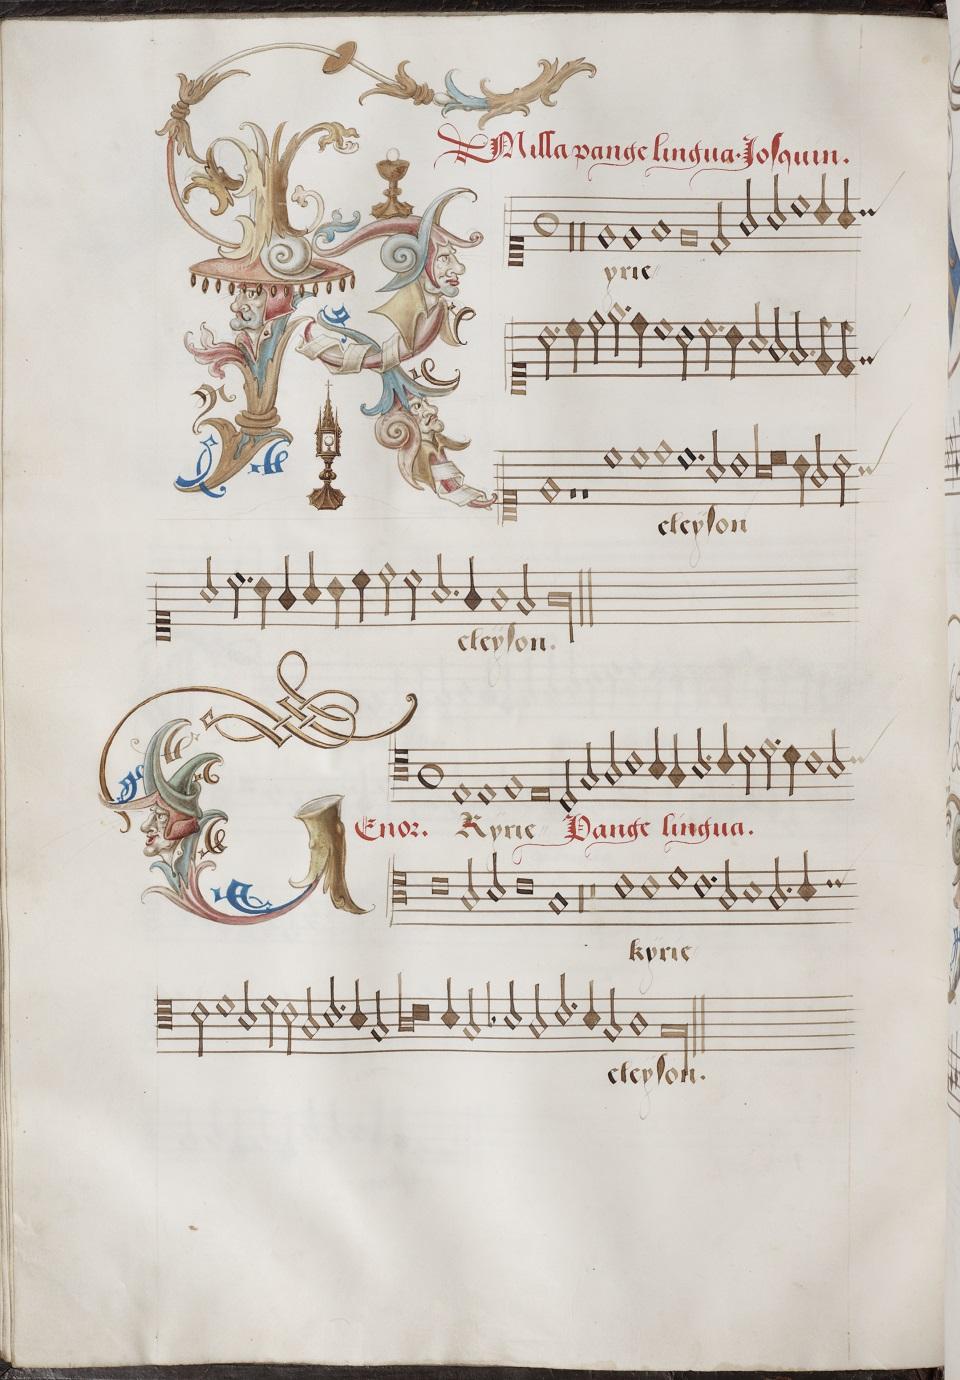 Josquin des Prez occo codex - image on website Willem Elders